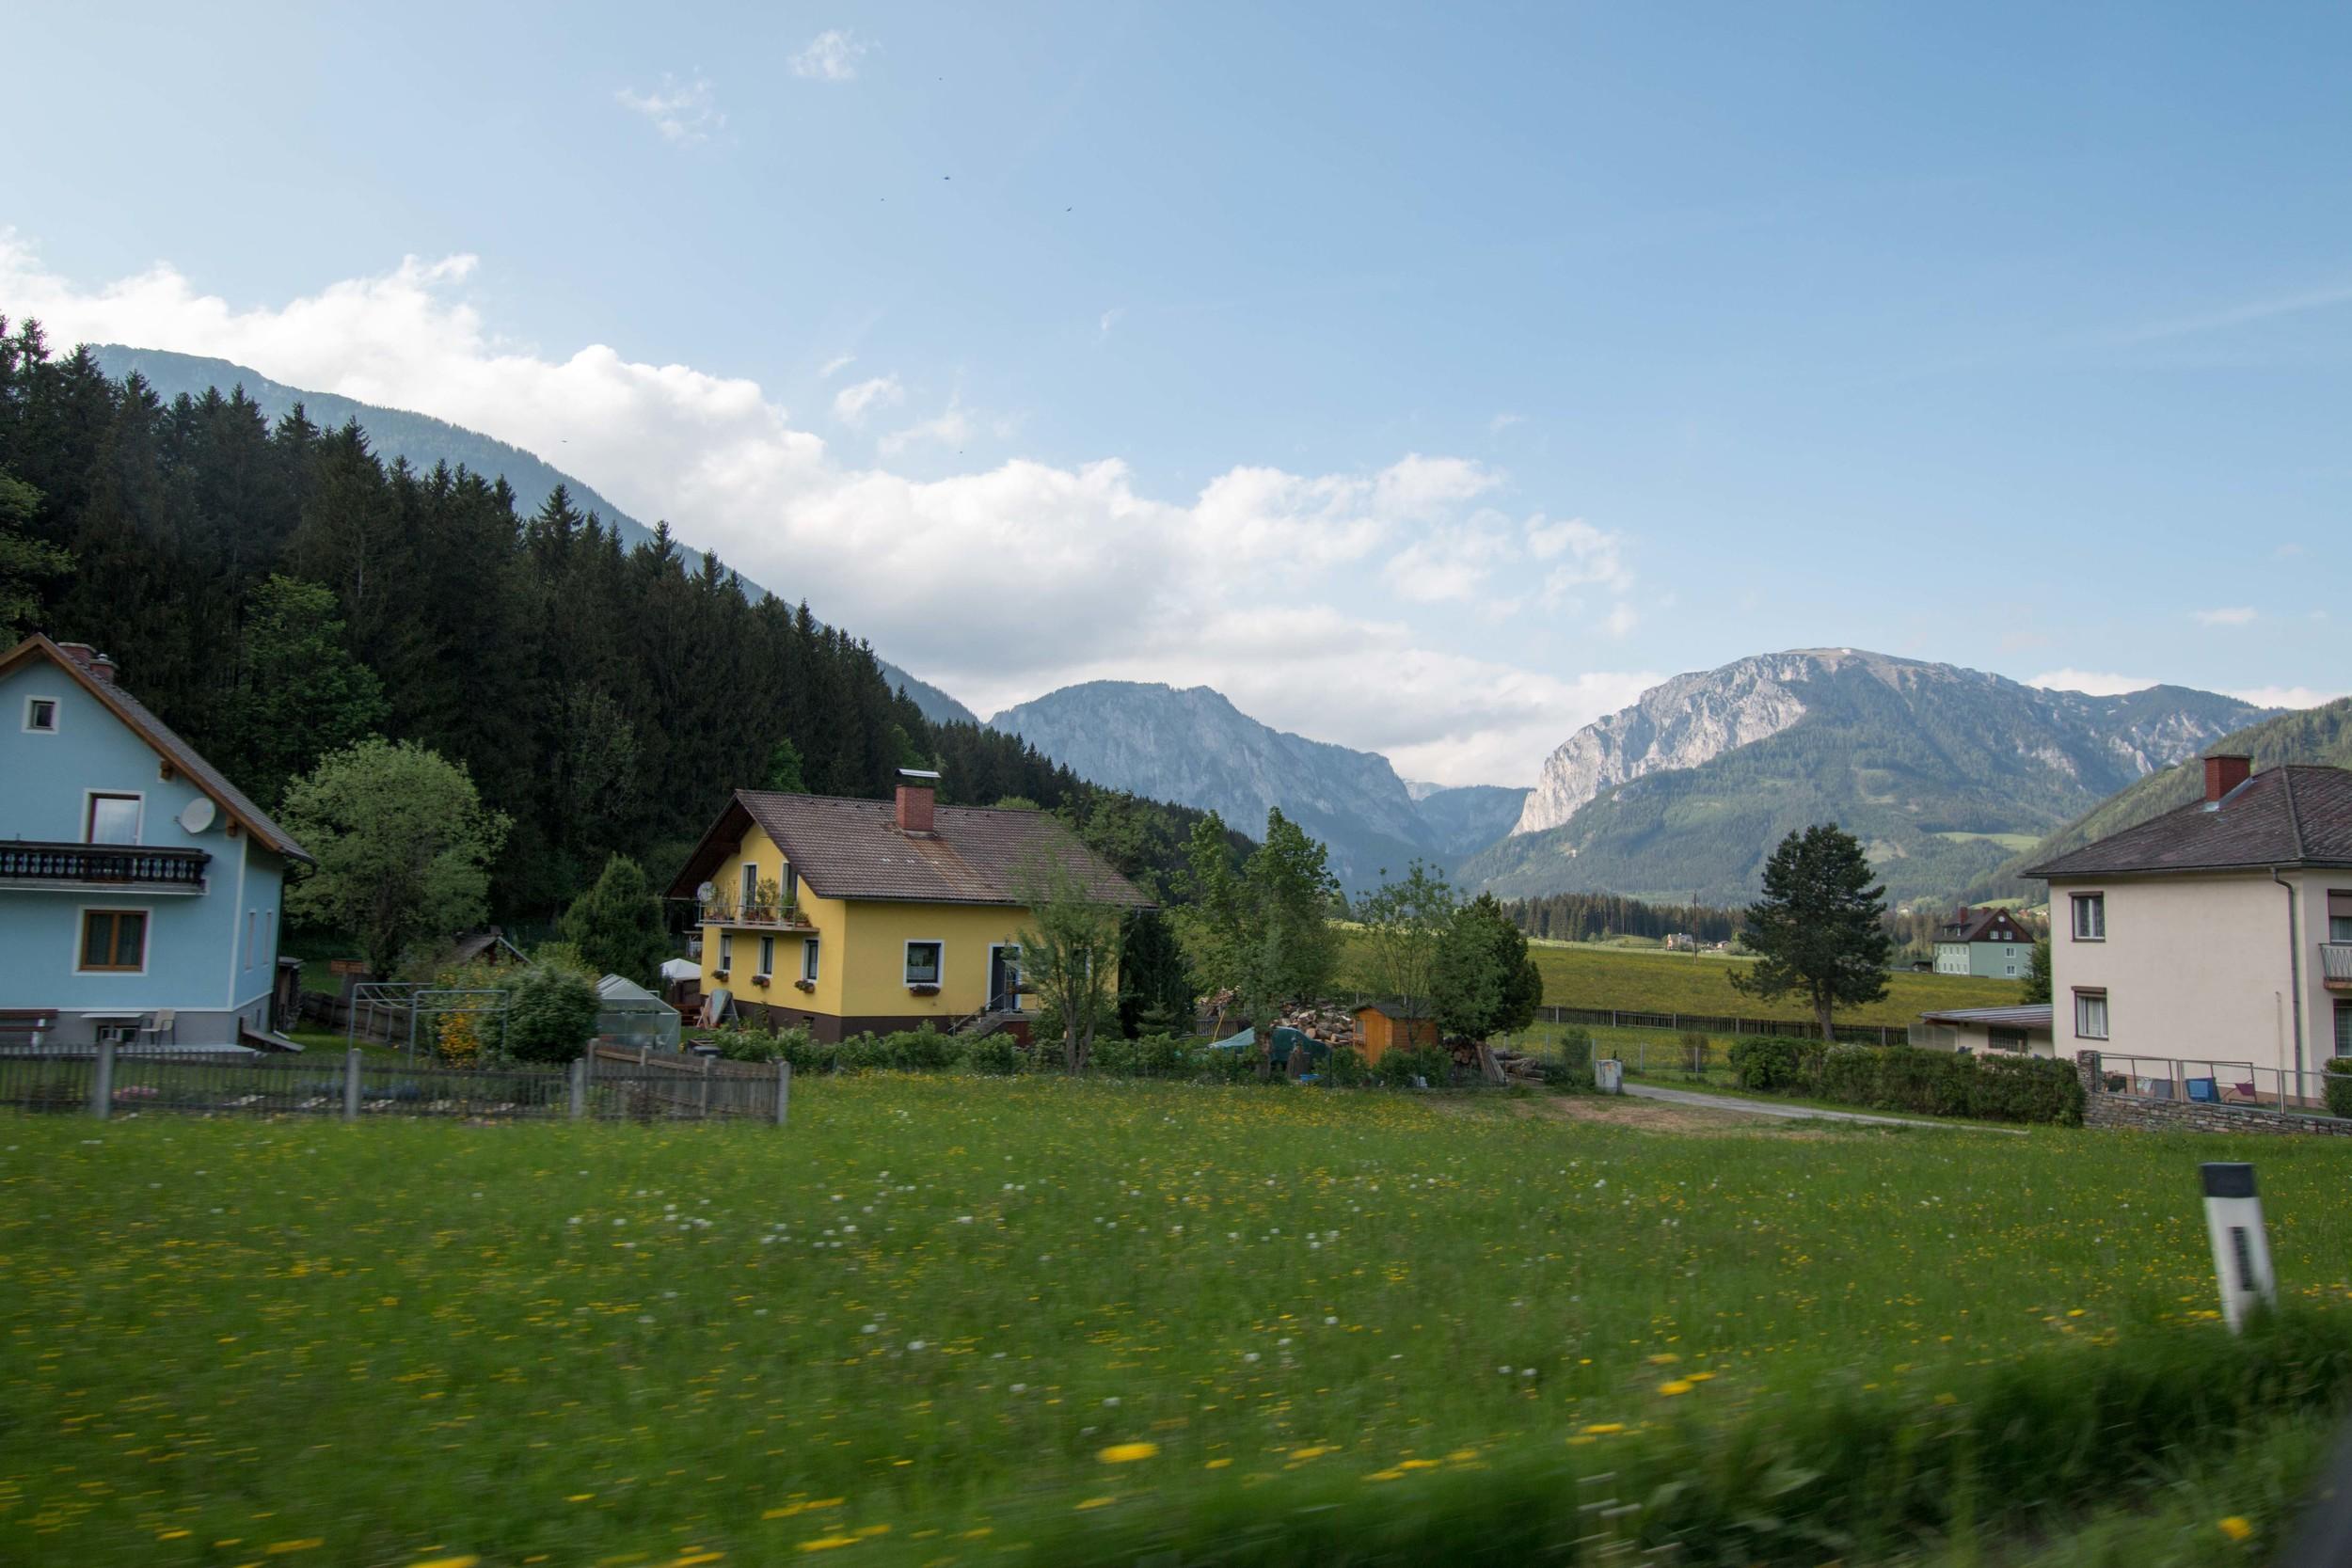 GORGEOUS Austrian countryside